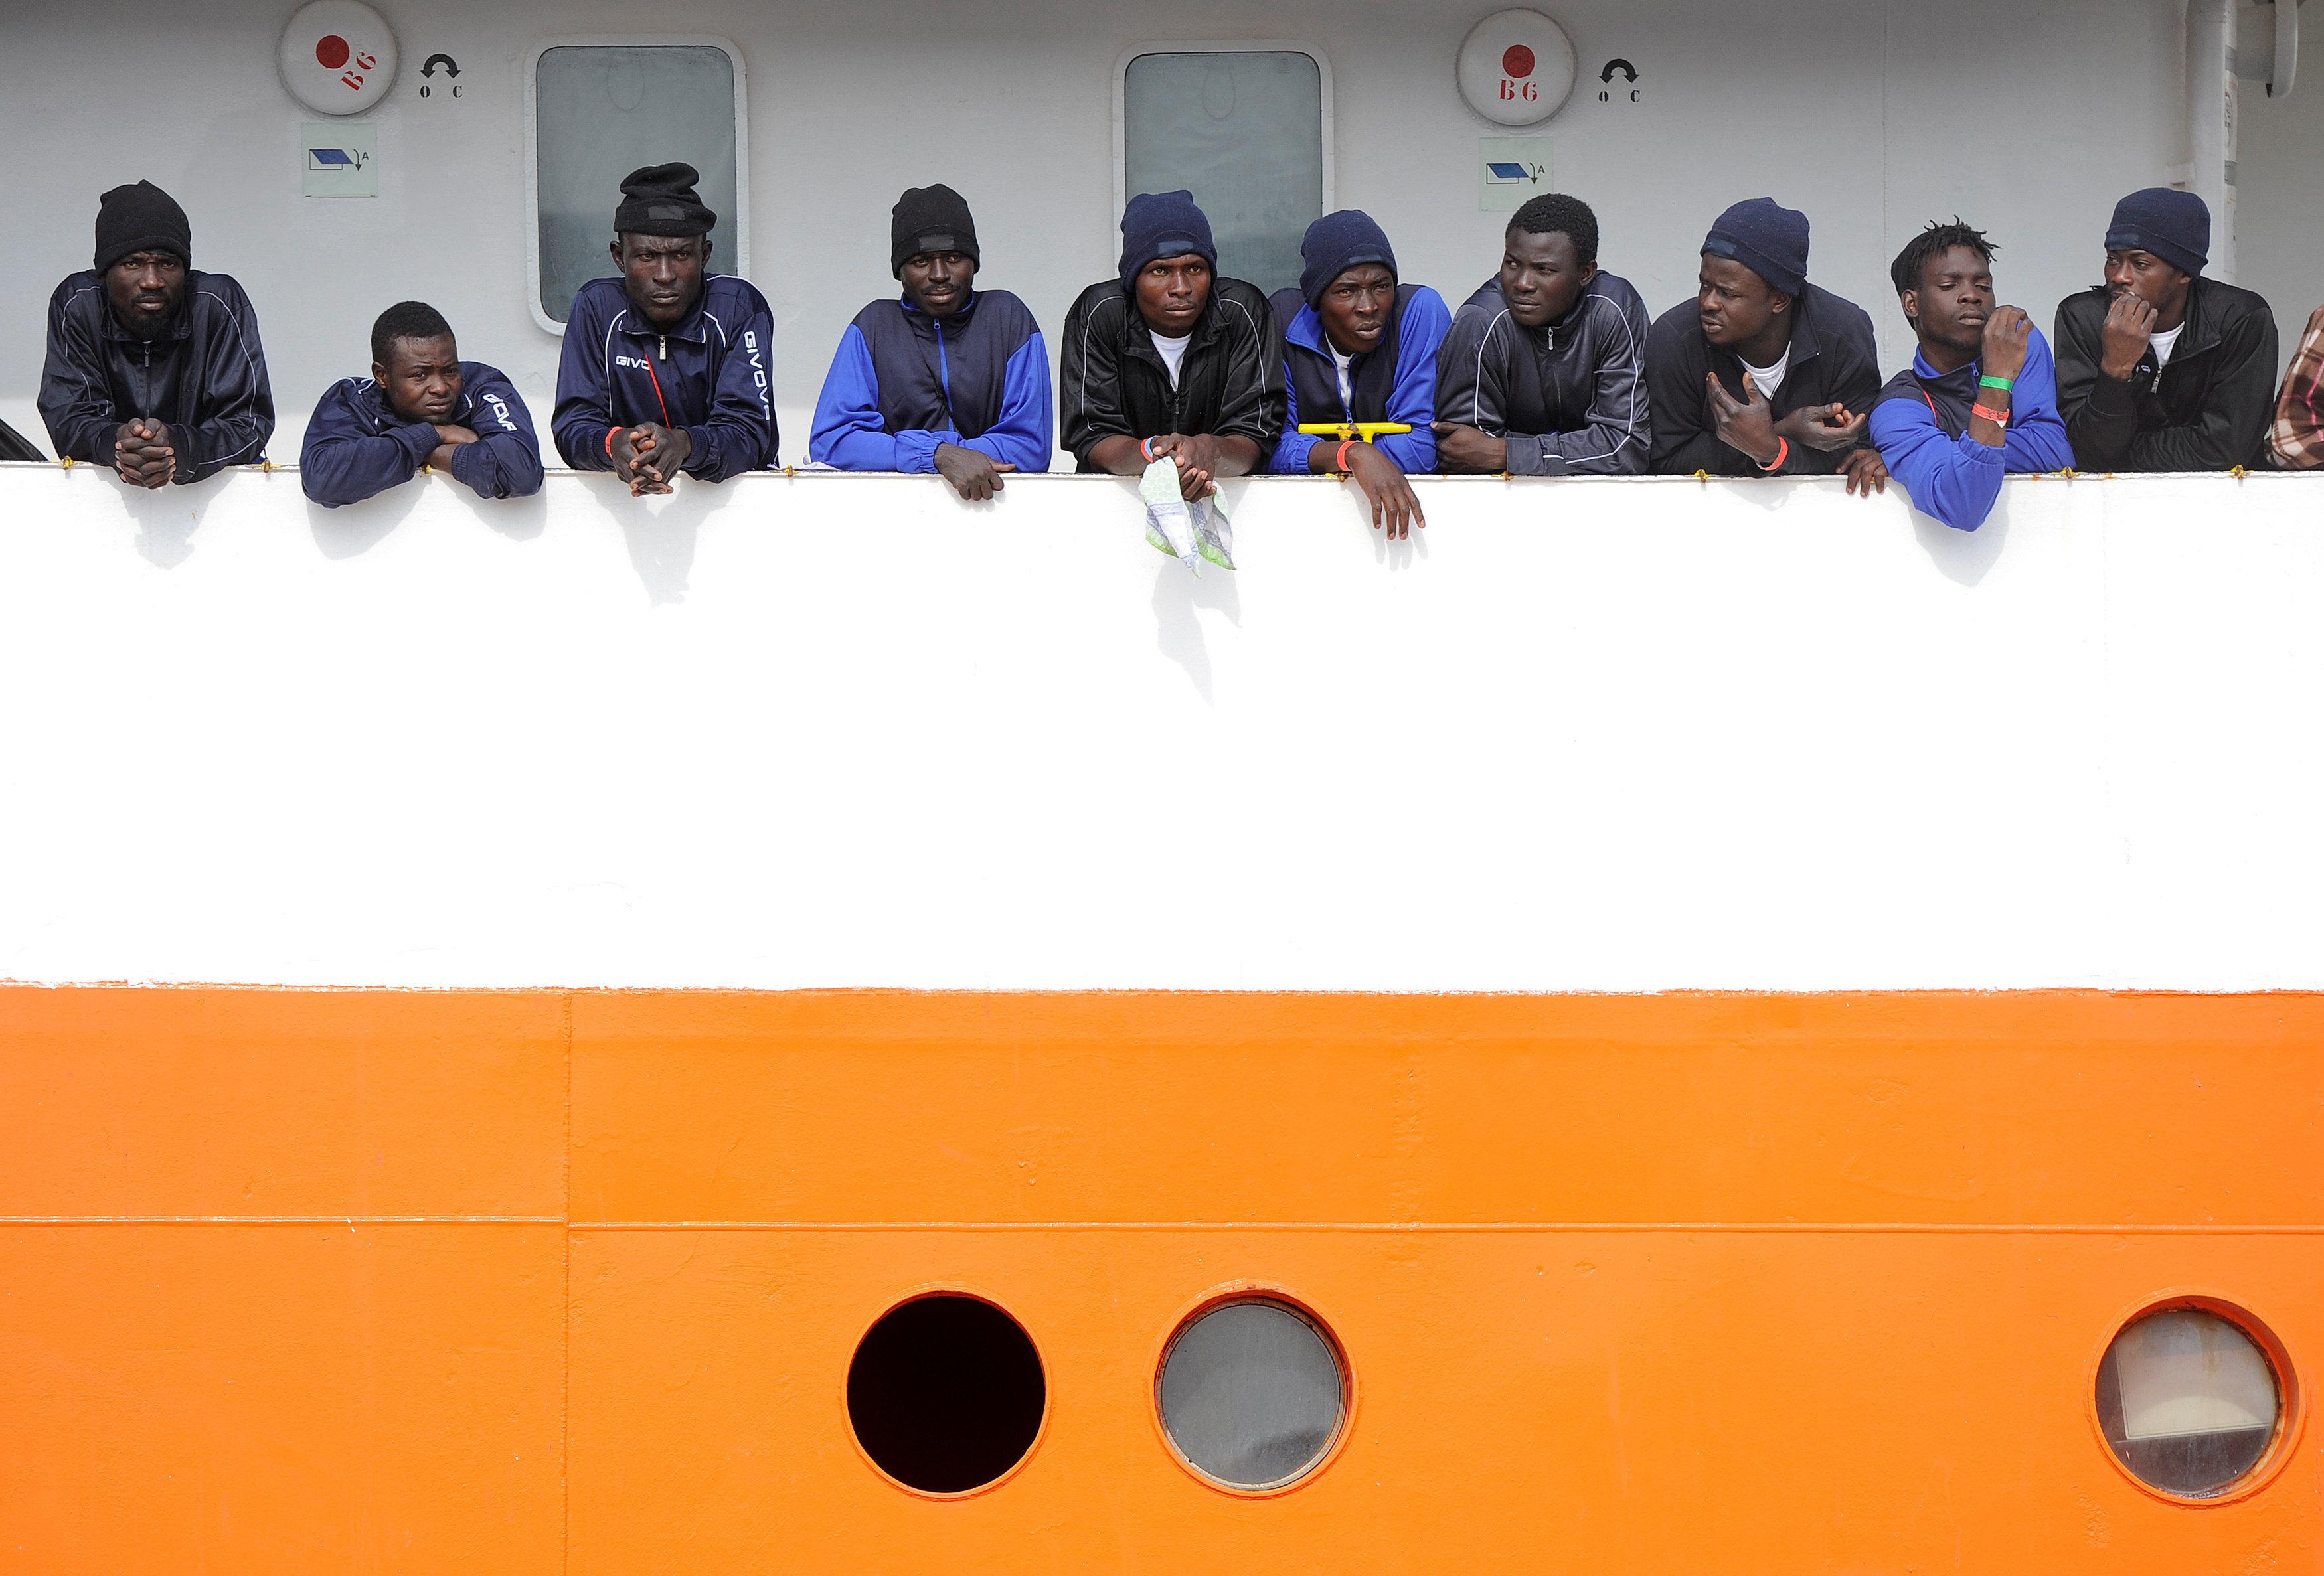 Am Montag hat sich gezeigt, wie kaputt die europäische Asylpolitik ist